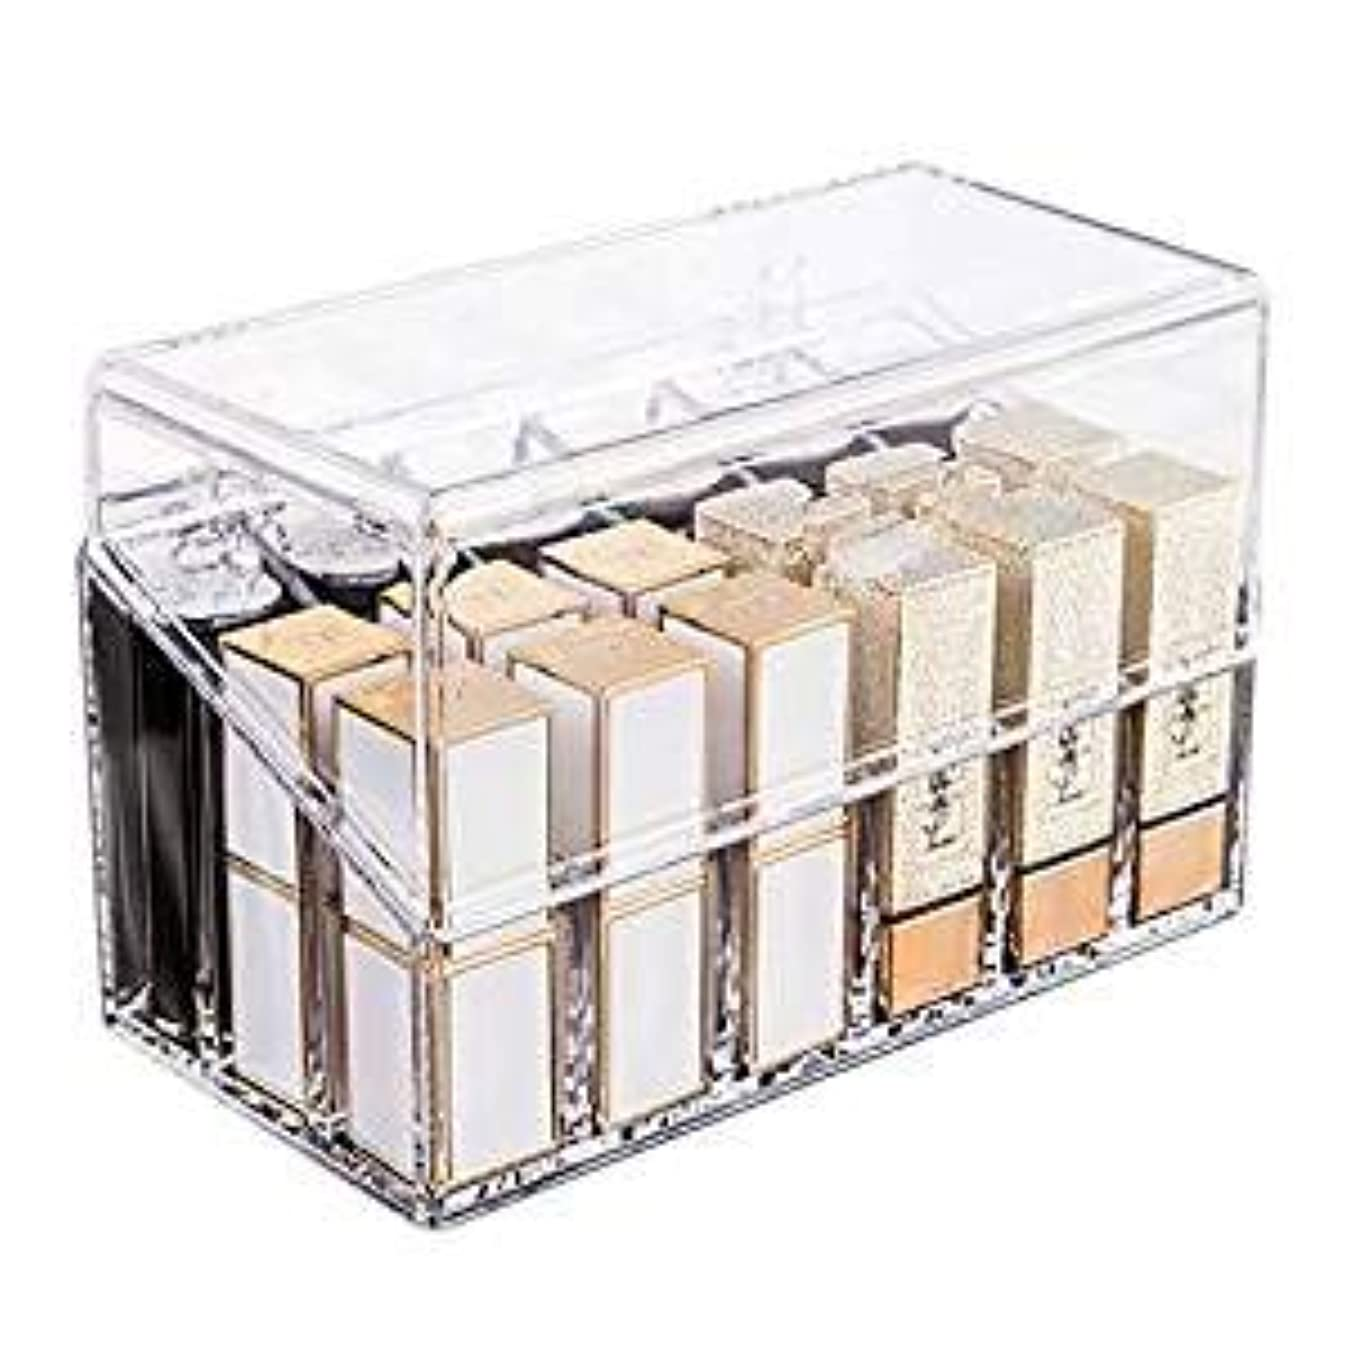 フルーツドック細断口紅収納ボックス 18本 アクリル リップスティック収納ケース コスメ小物用品 化粧品収納ケース 透明